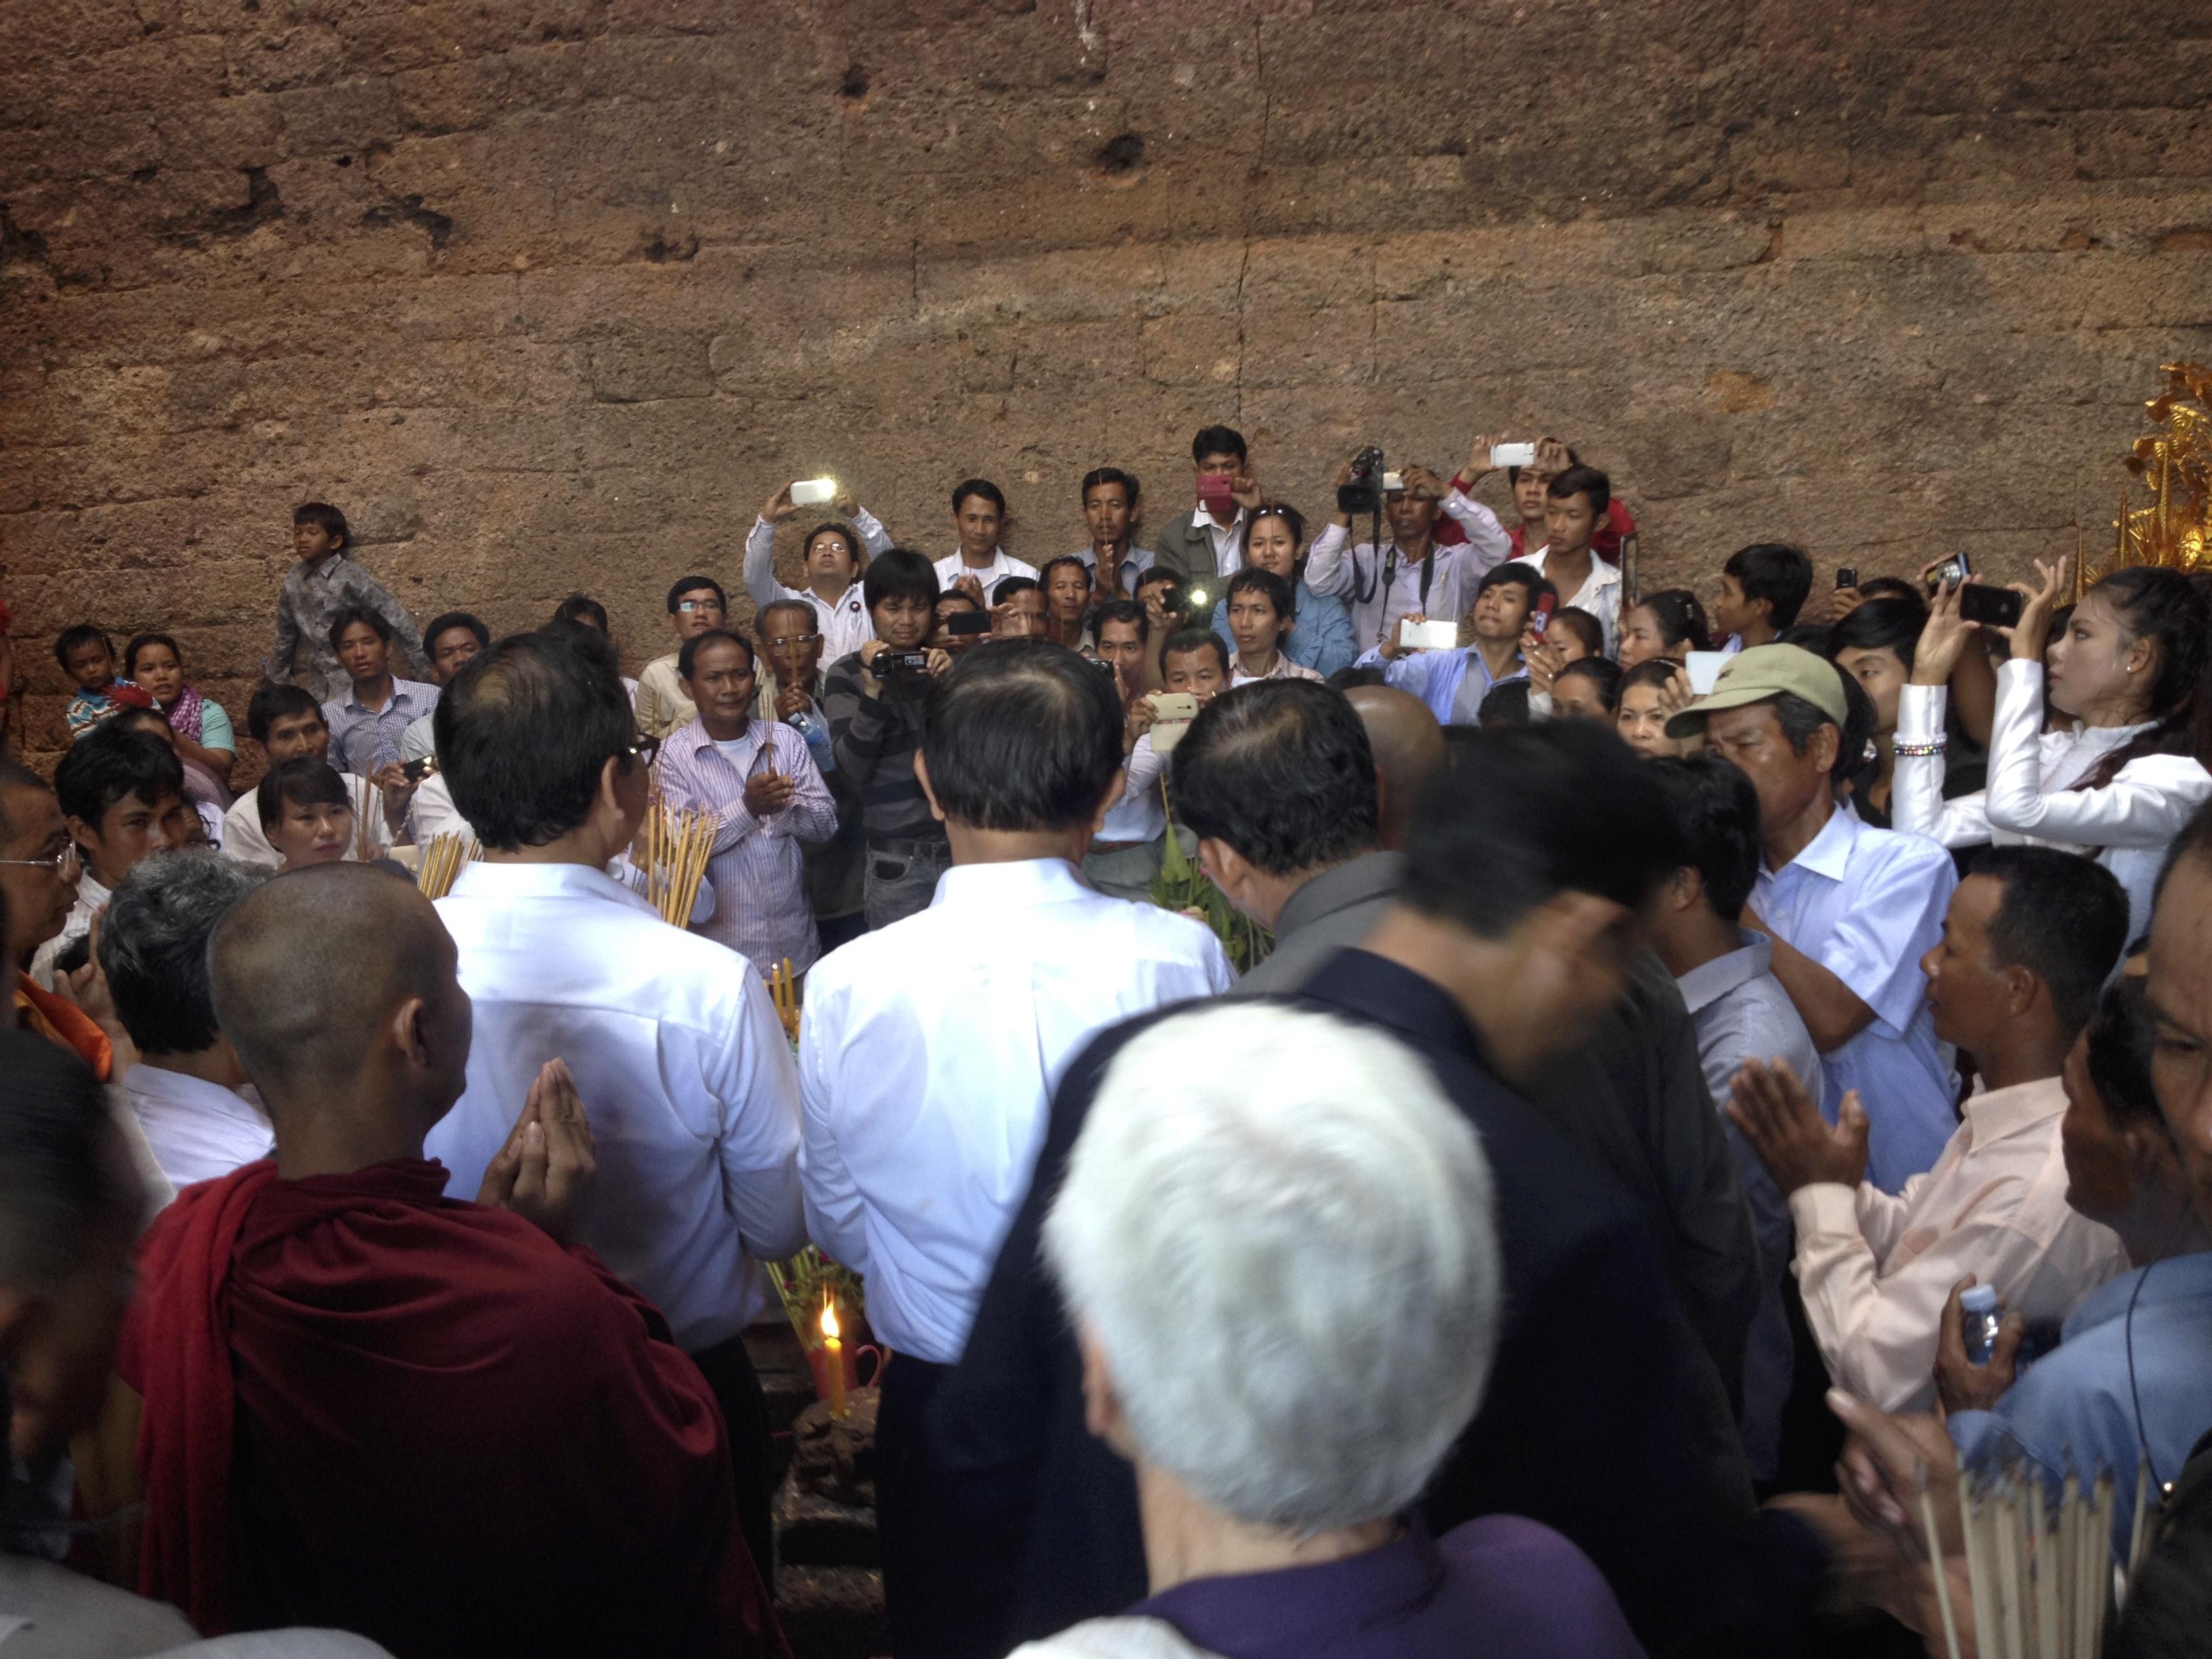 Sam Rainsy, de dos, acclamé par la foule lors de son entrée dans le temple surplombant Phnom Da. Photo prise par l'auteur.